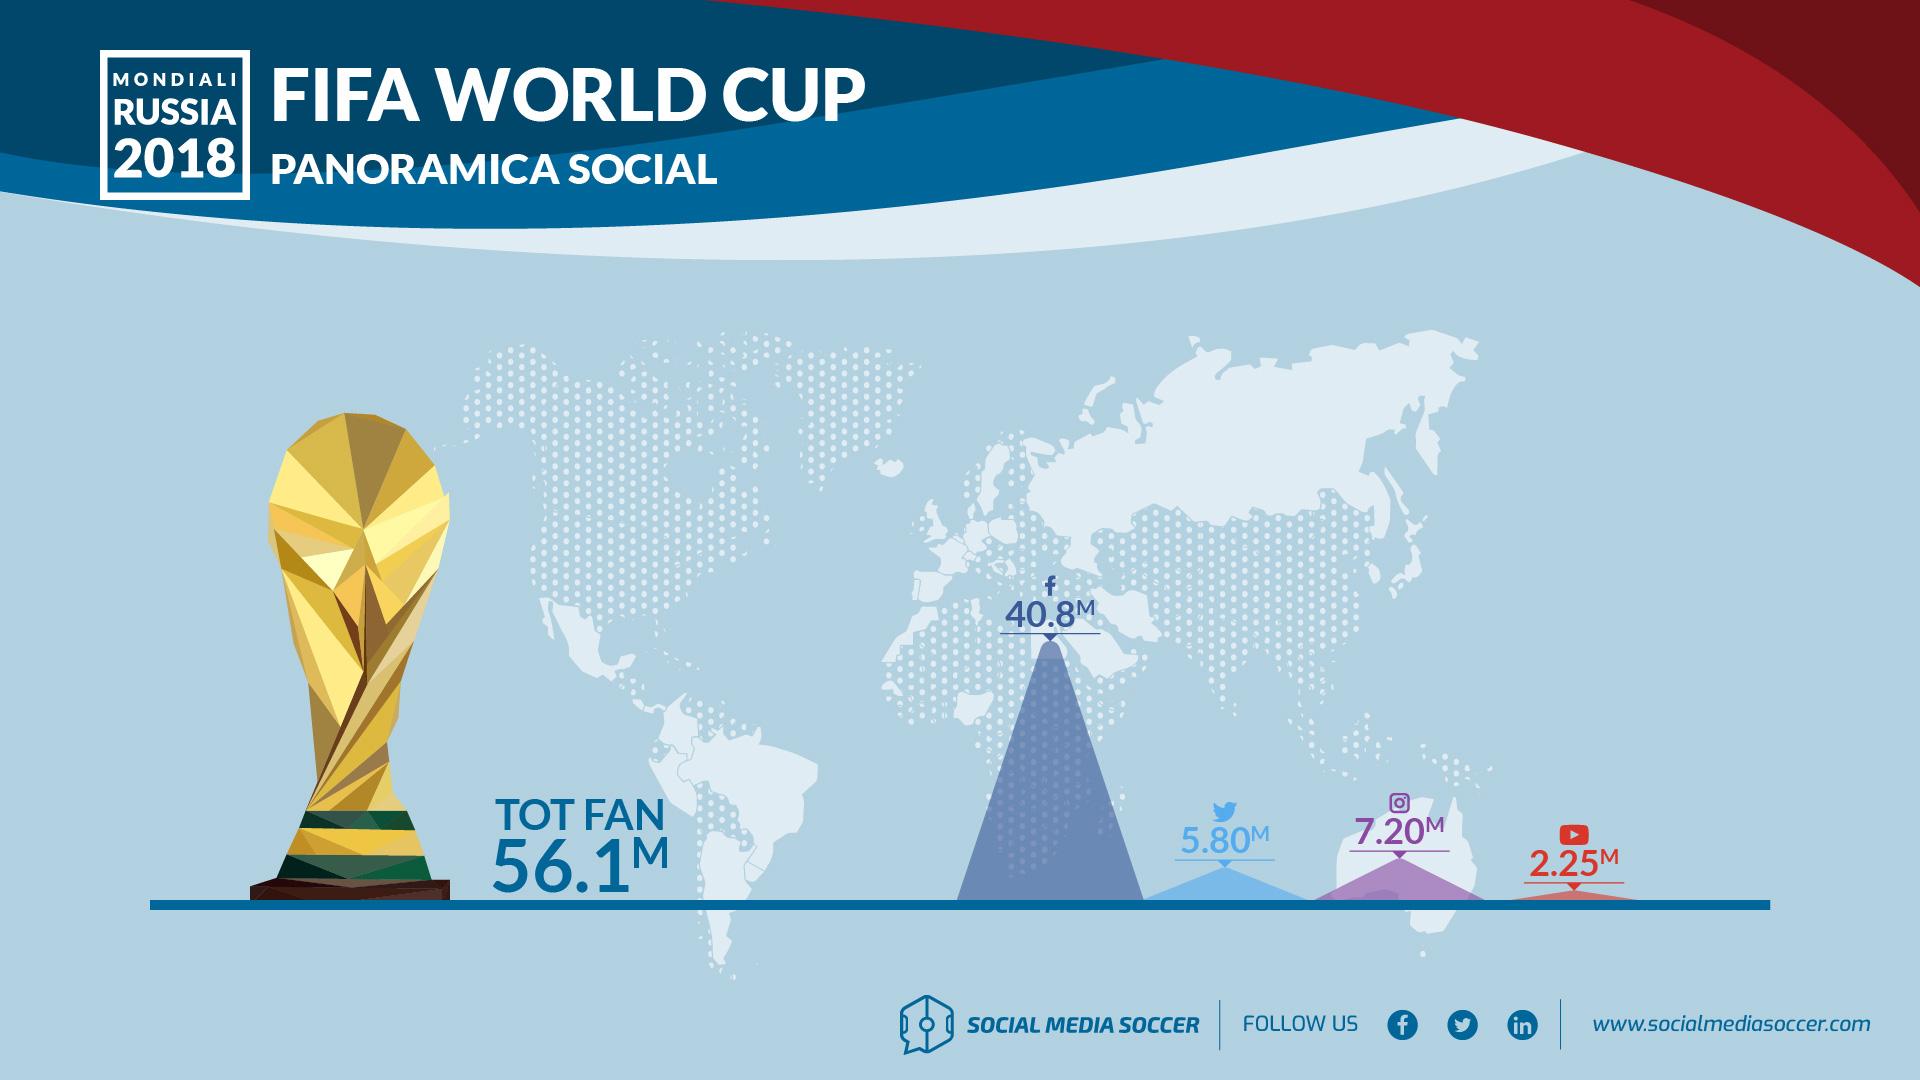 Panoramica social profili FIFA